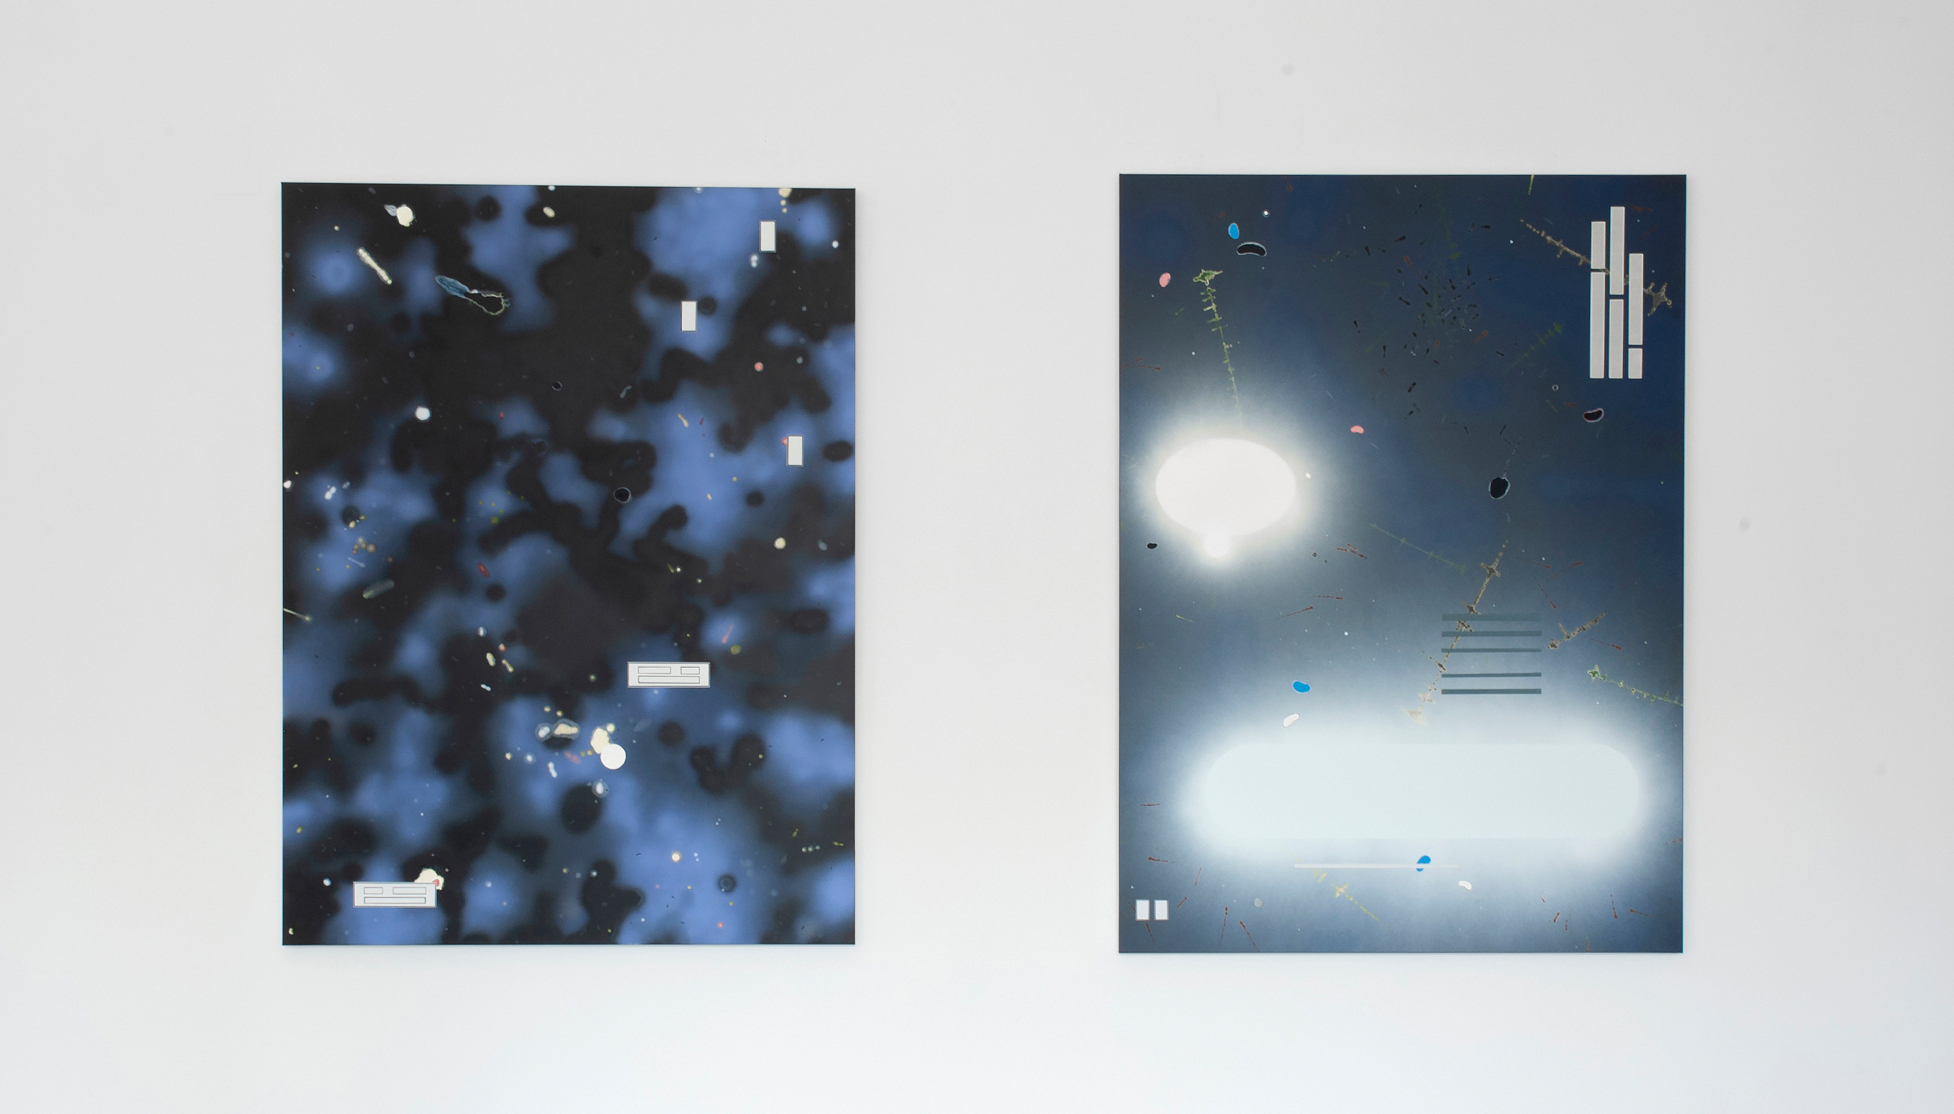 MVANHELLEMONT20200307 Galerie Onrust Han Schuil004 kopie2 kopie